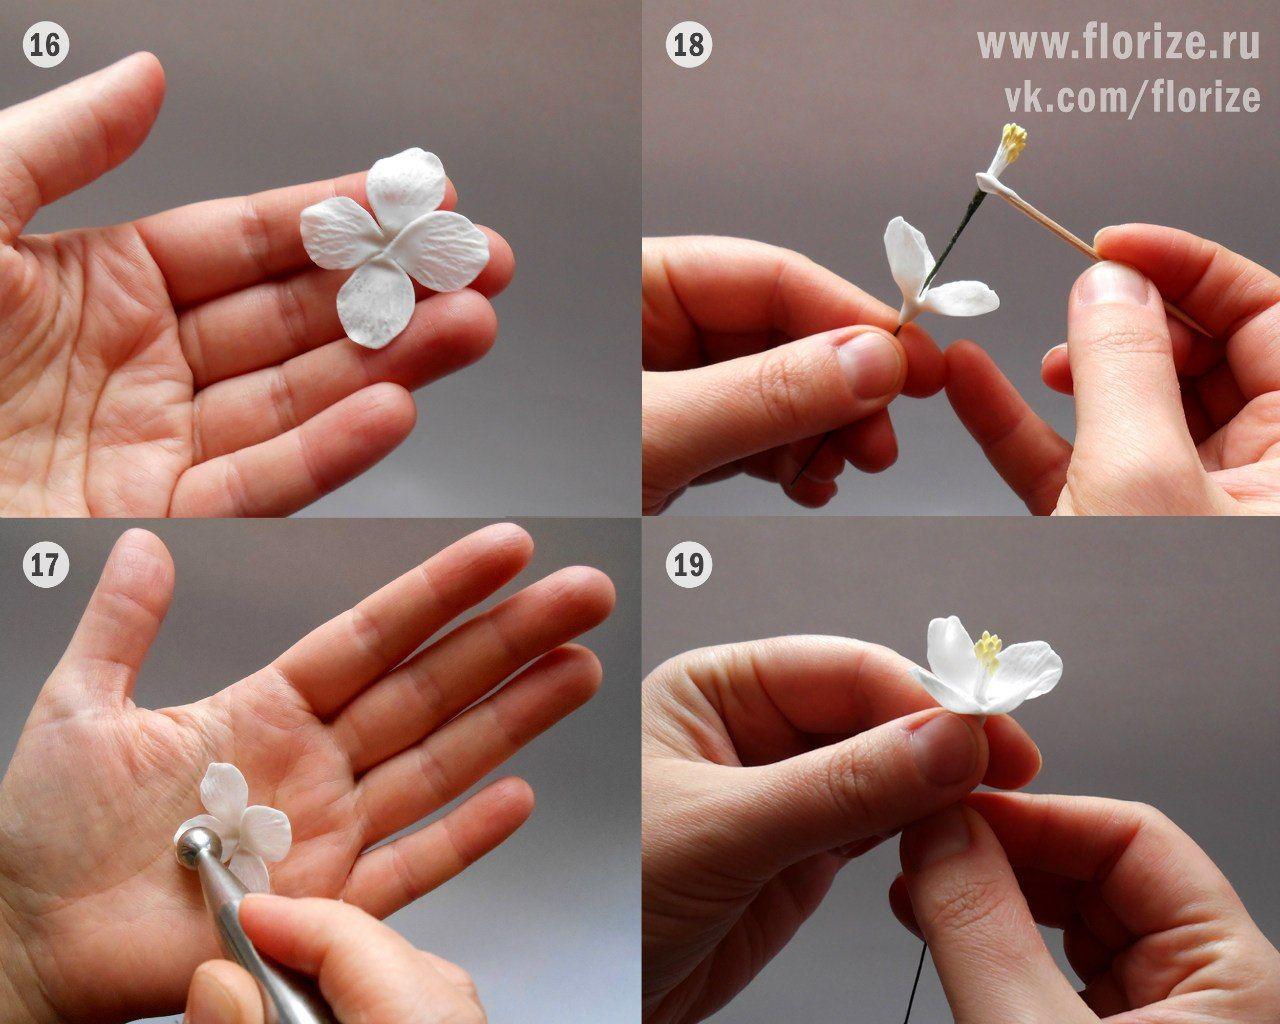 Цветы из полимерной глины: 85 фото и видео мастер-класса изготовления украшений из полимерной глины